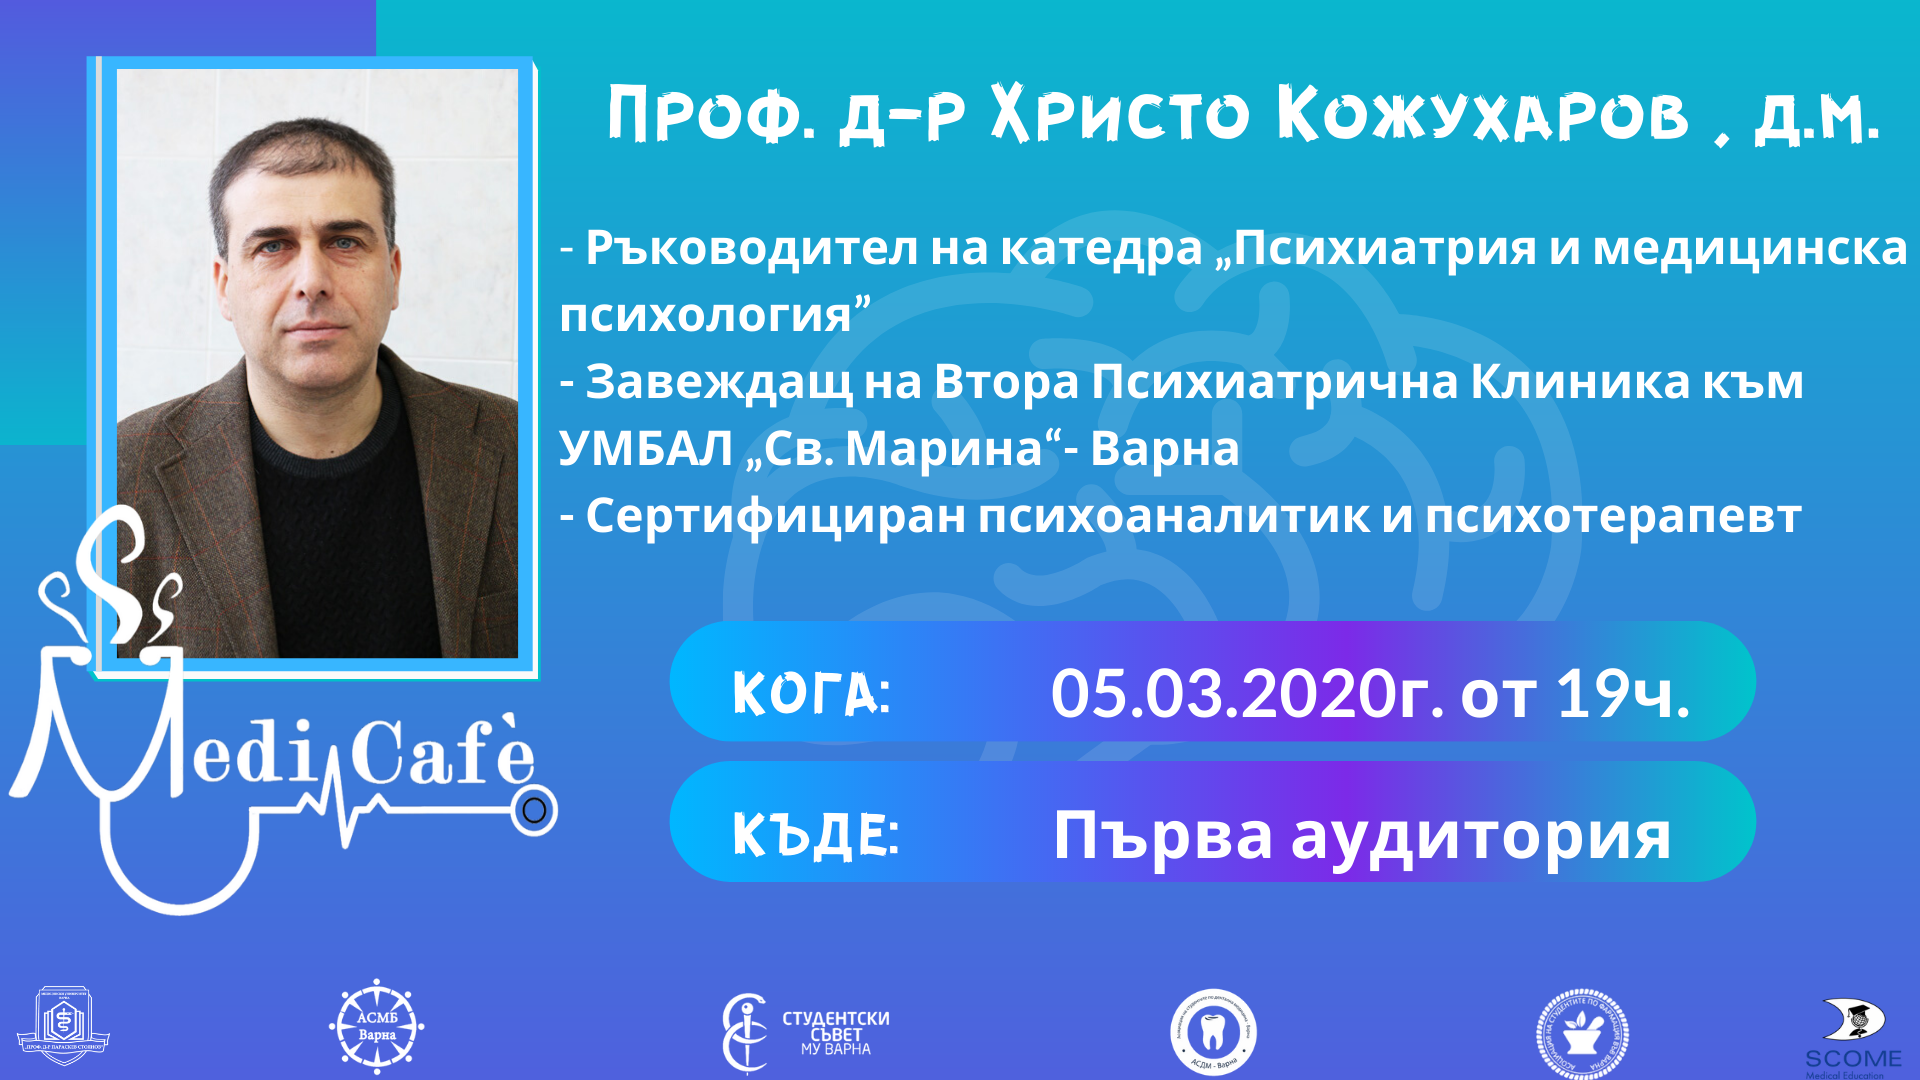 Медикафе с проф. Кожухаров